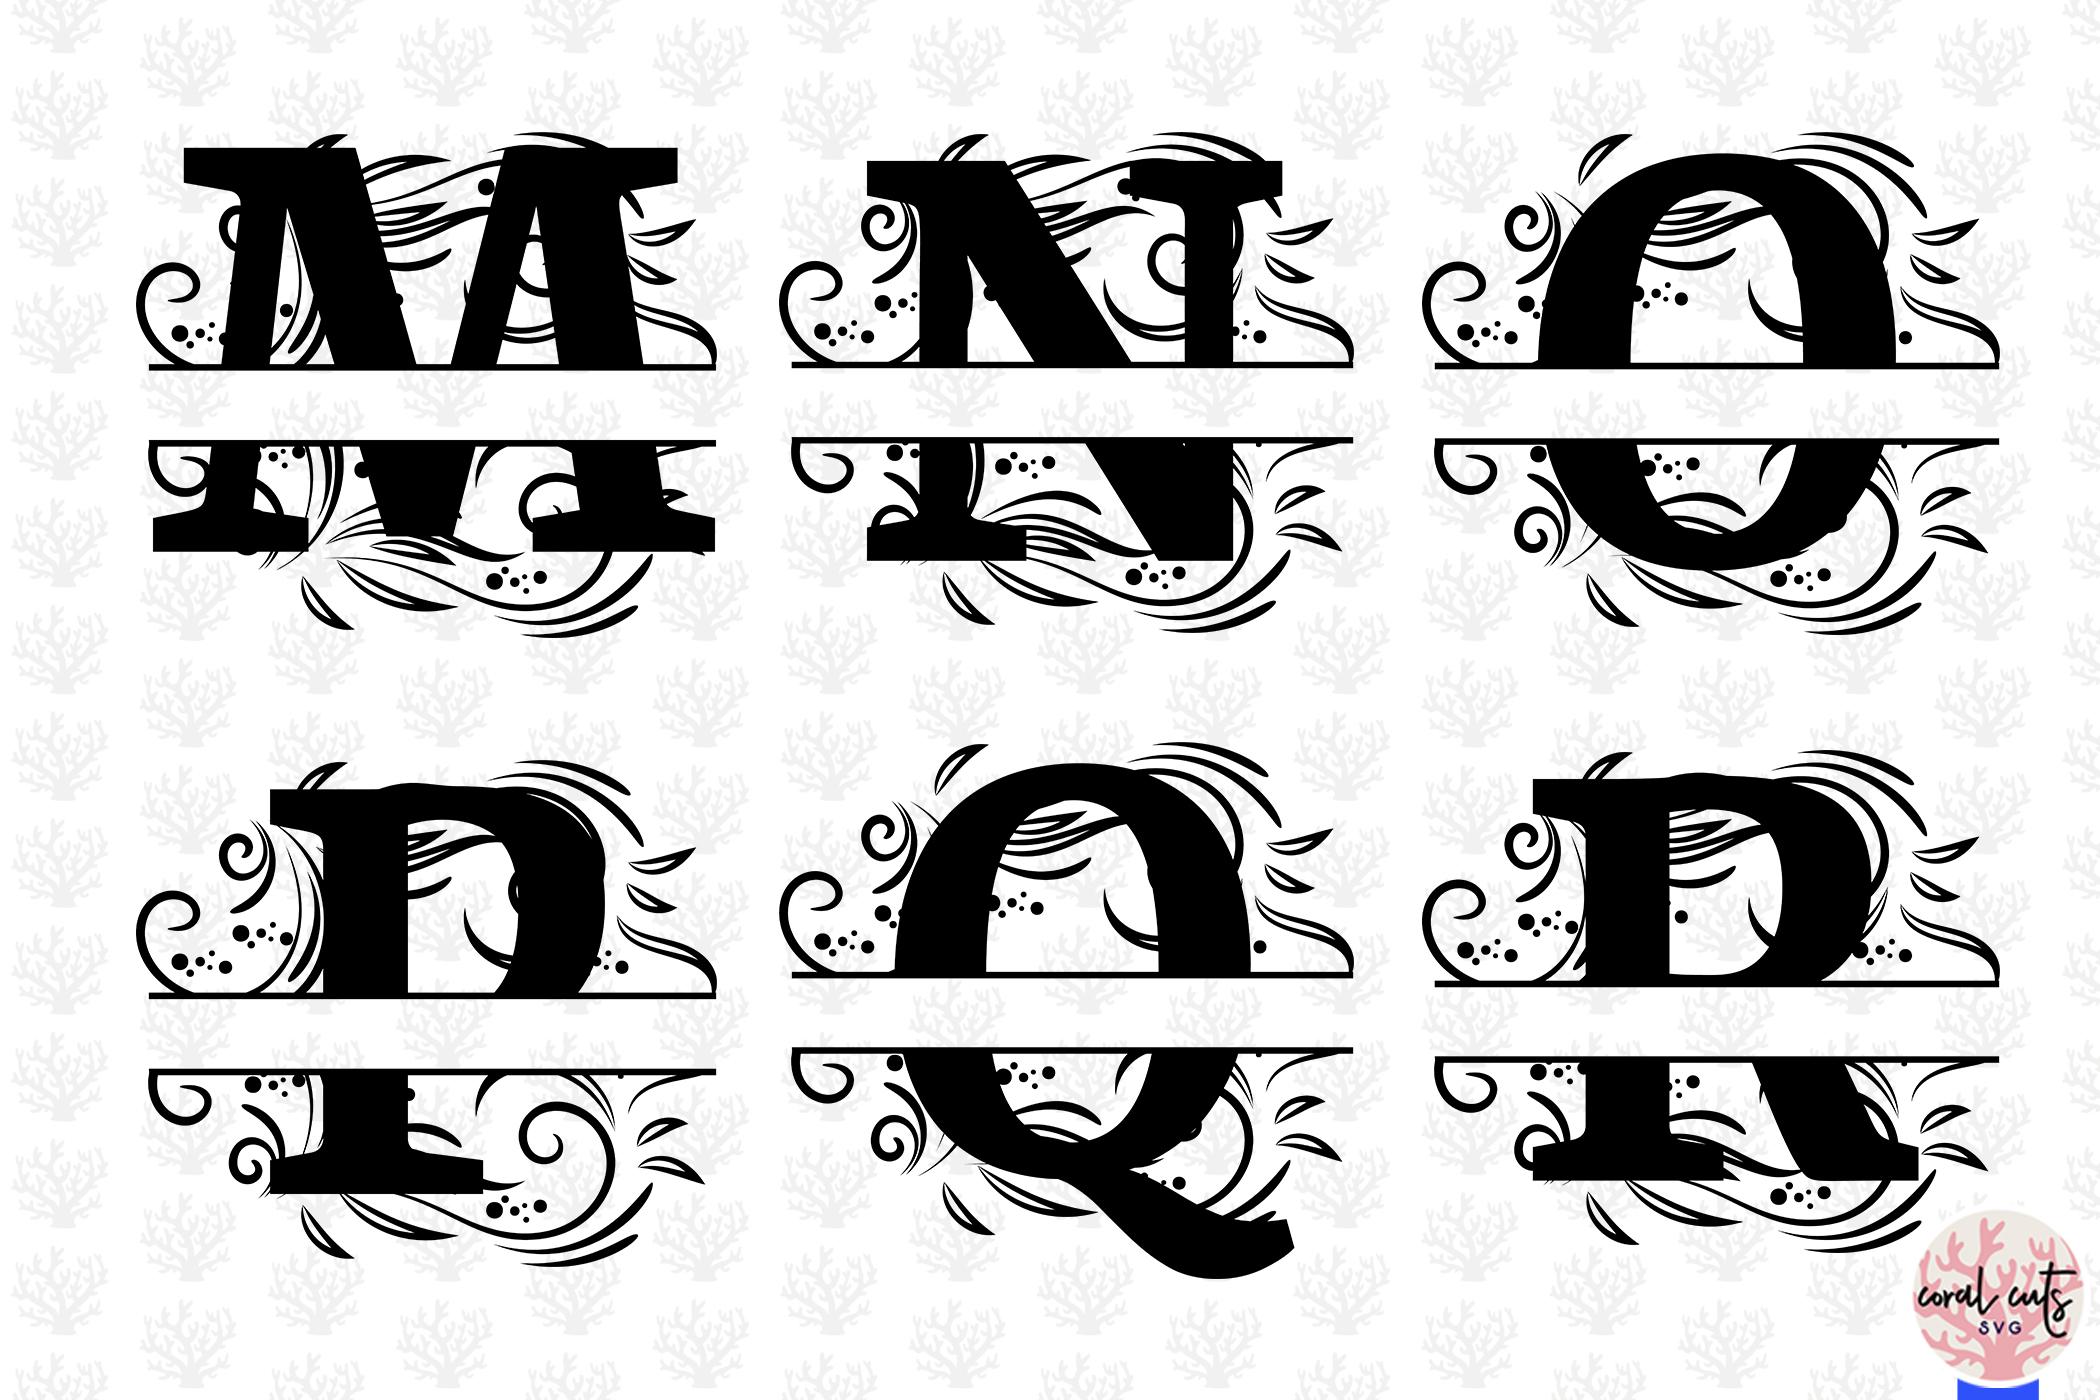 Floral Split Alphabet Monogram - Svg EPS DXF PNG File example image 4